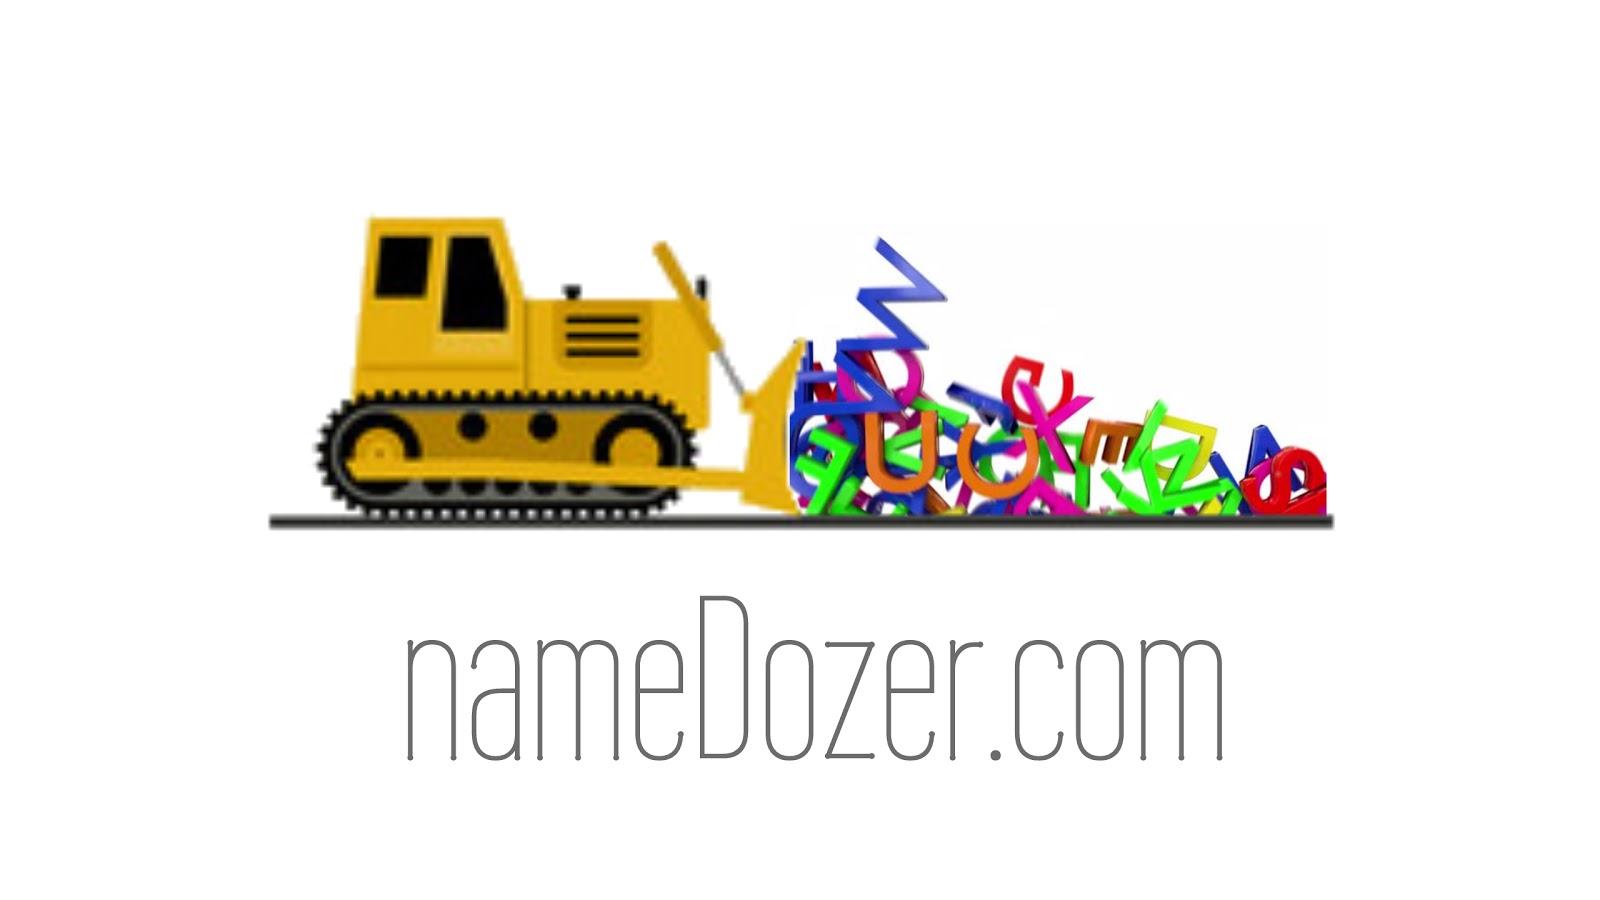 NameDozer.com